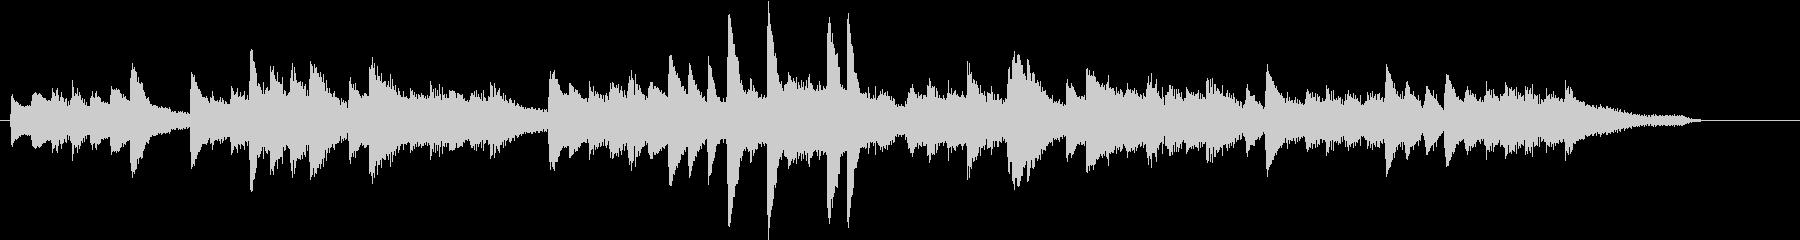 お正月・春の海モチーフのピアノジングルJの未再生の波形